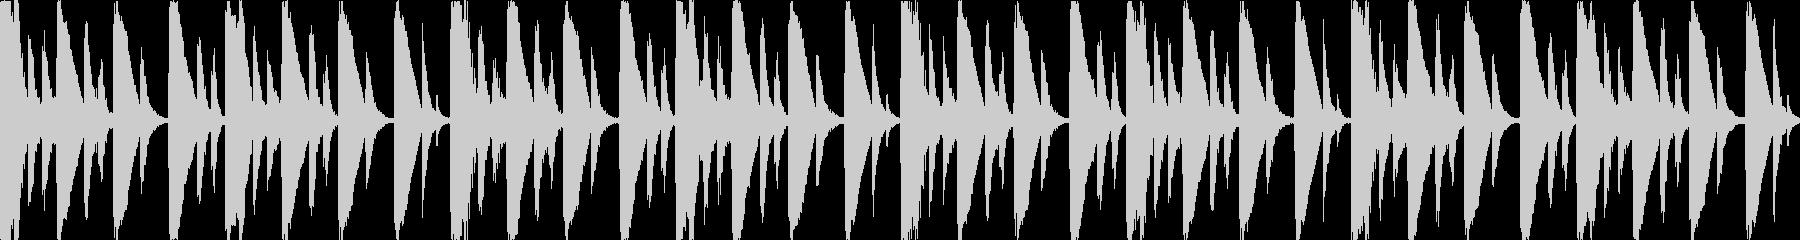 【ループE】浮遊感あるシンセが続くテクノの未再生の波形